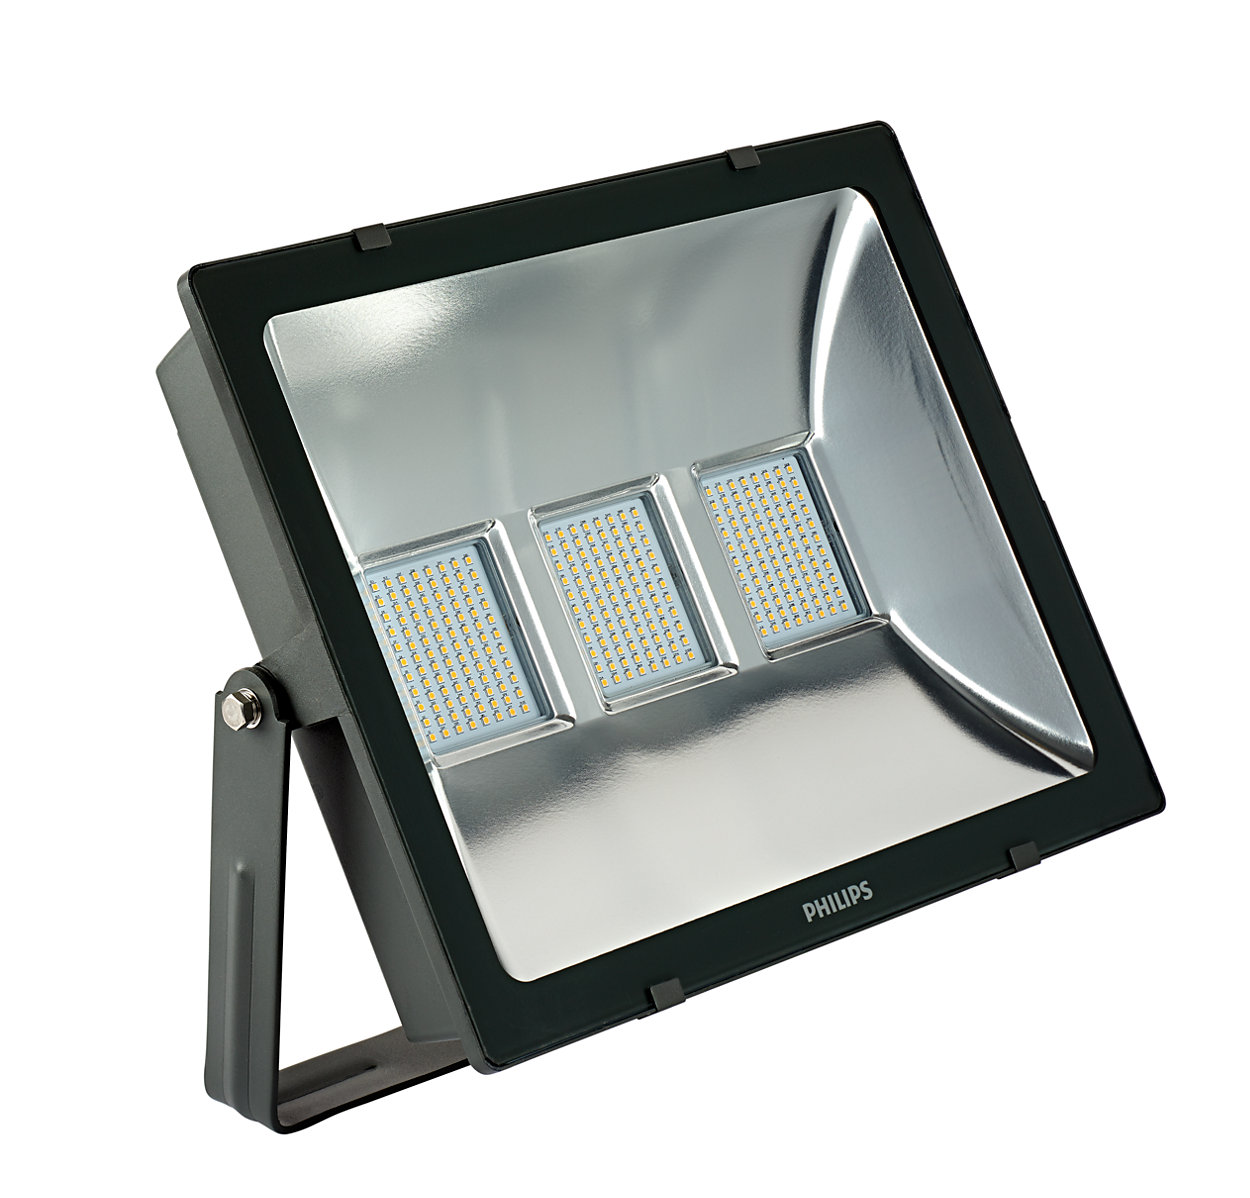 Ledinaire Floodlight - Simply great LED